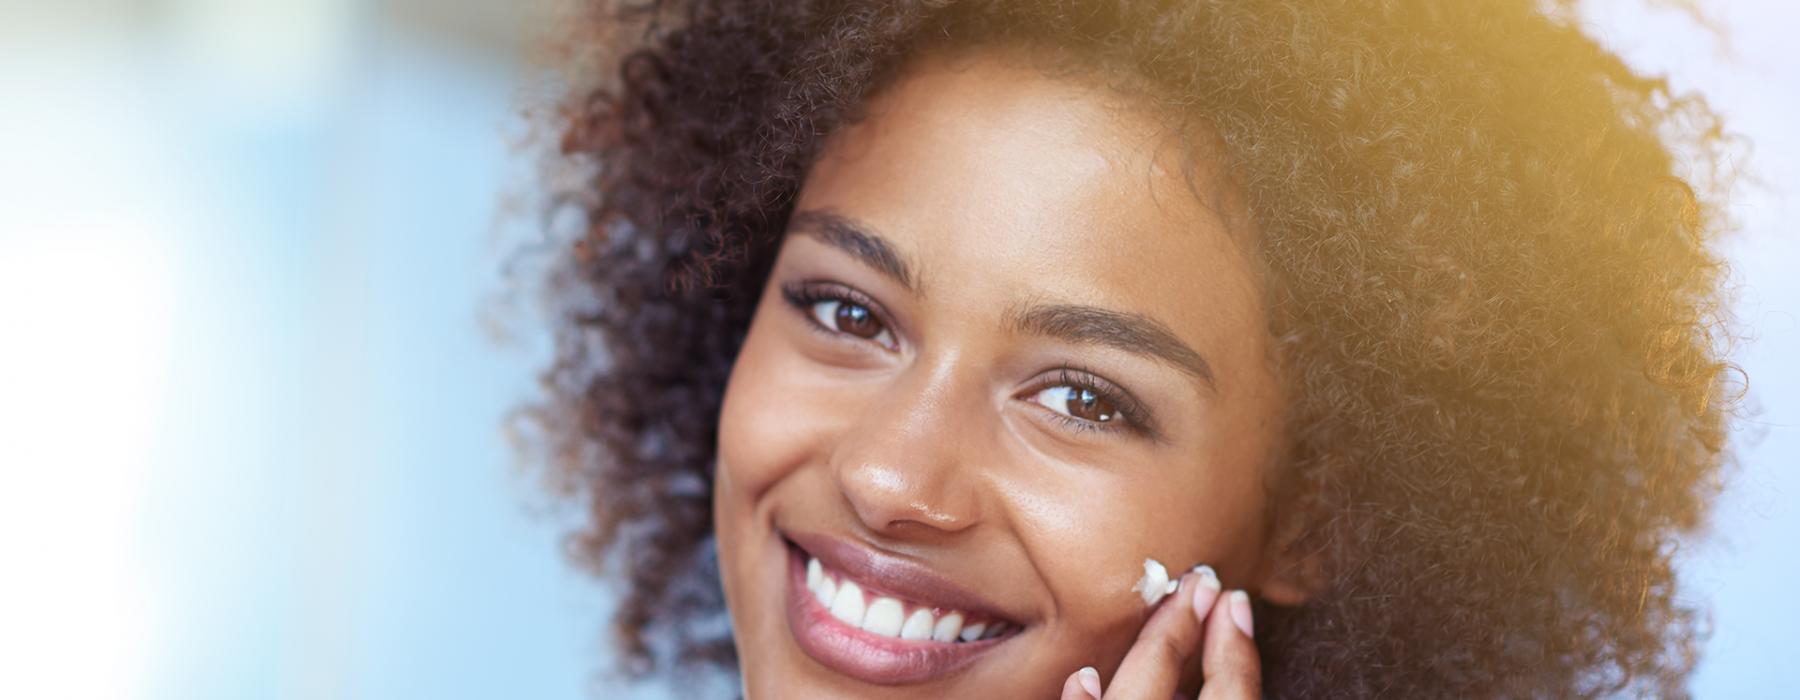 [Beauté] Comment prendre soin de sa peau grasse?